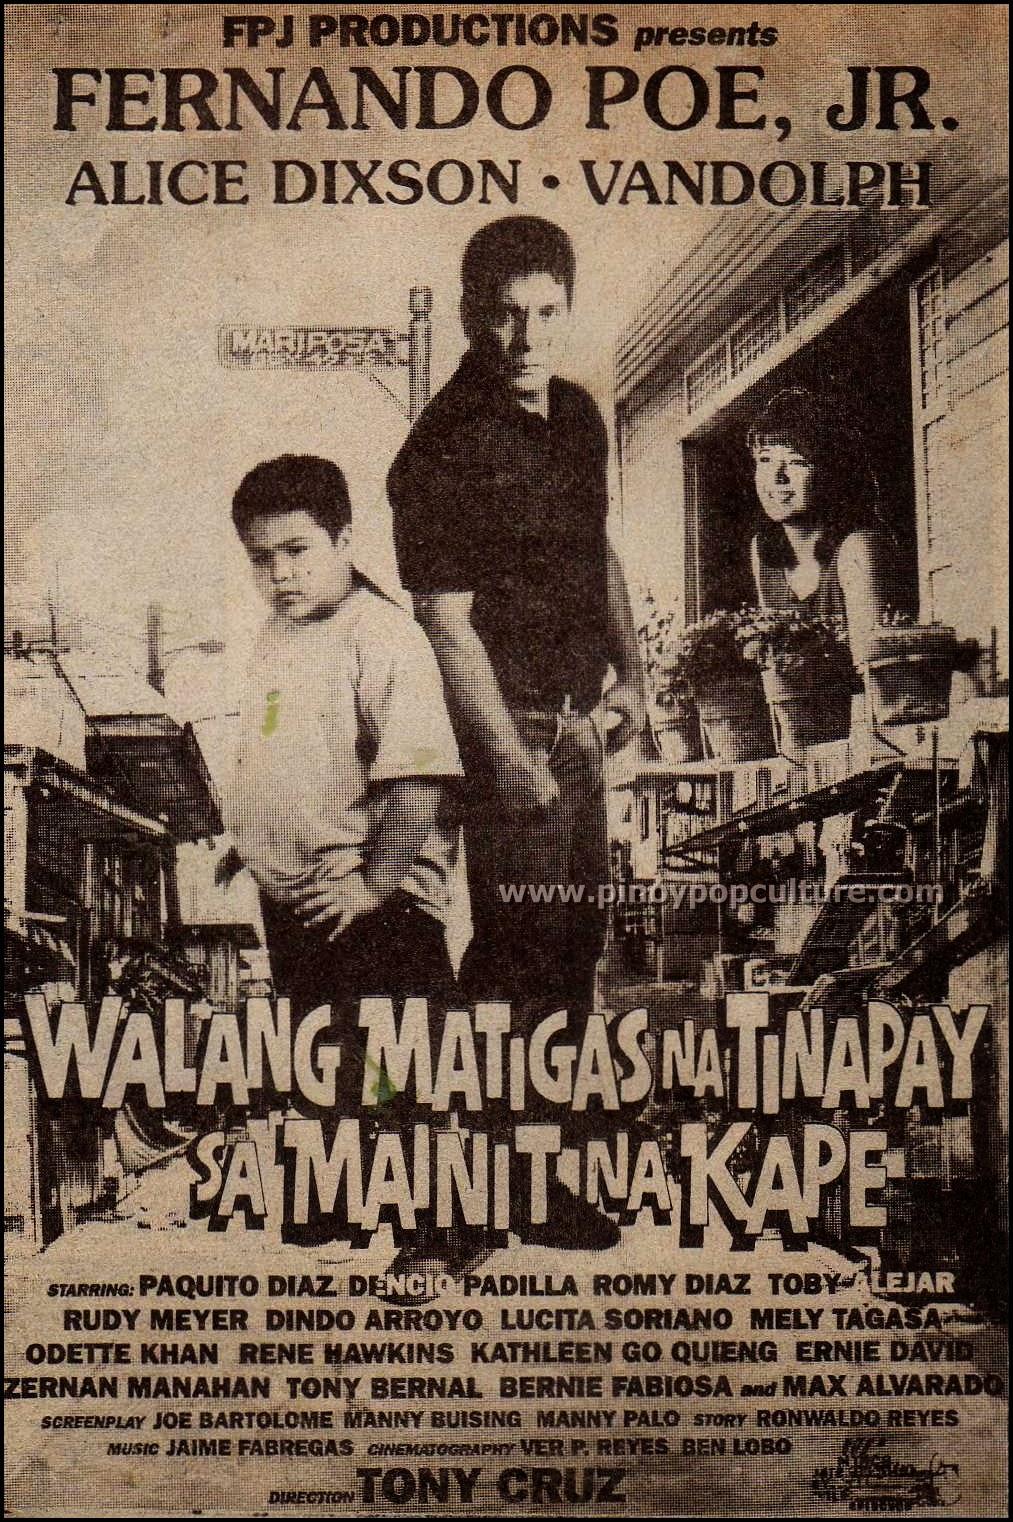 Walang Matigas na Tinapay sa Mainit na Kape, FPJ, Fernando Poe Jr., Vandolph, Alice Dixson